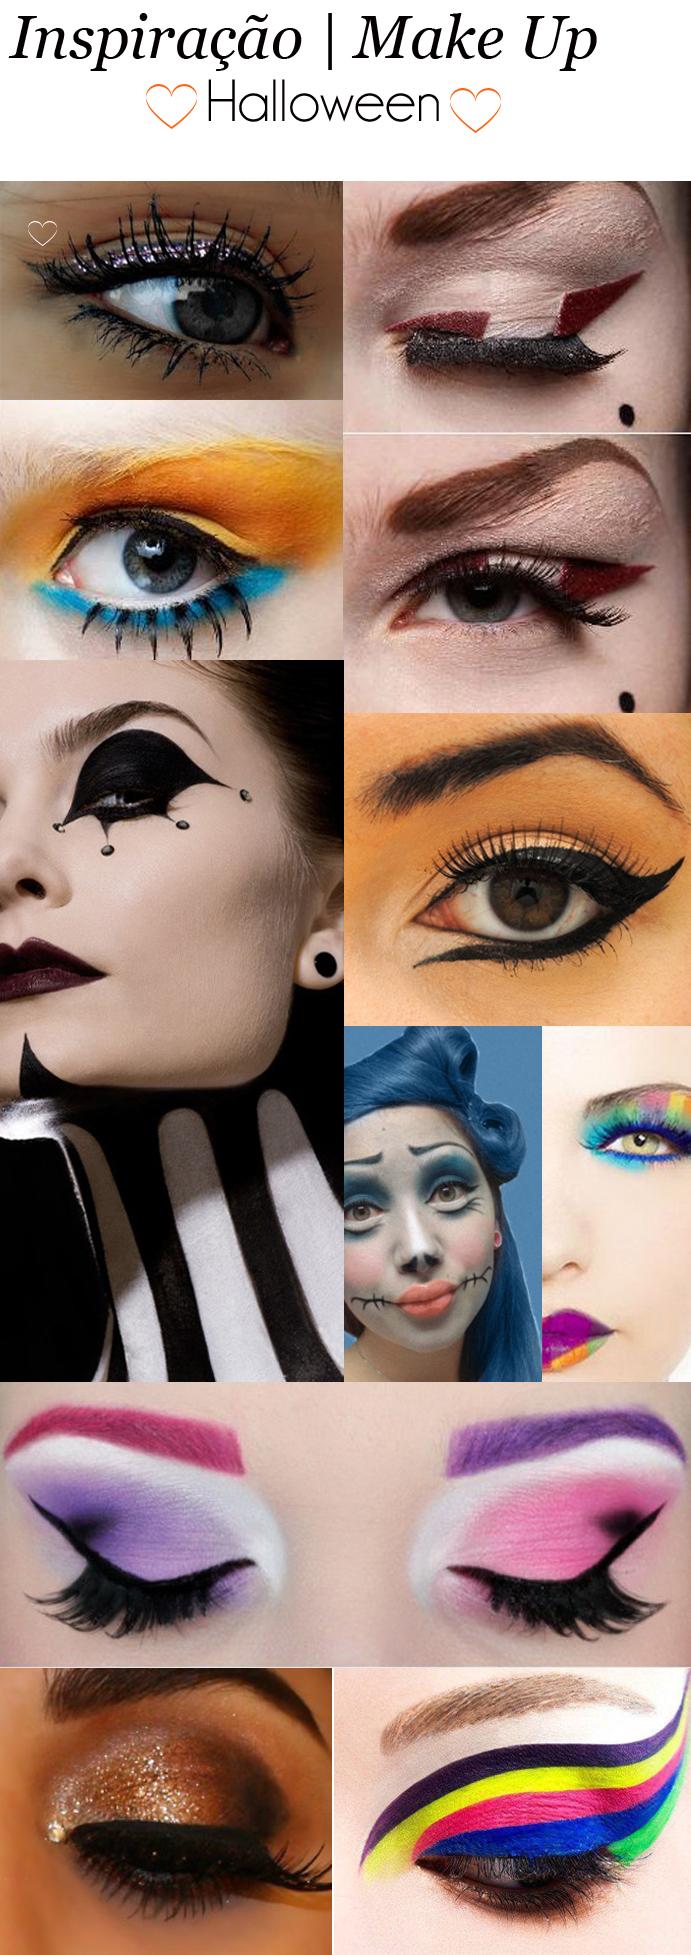 inspiração de maquiagem para o halloween